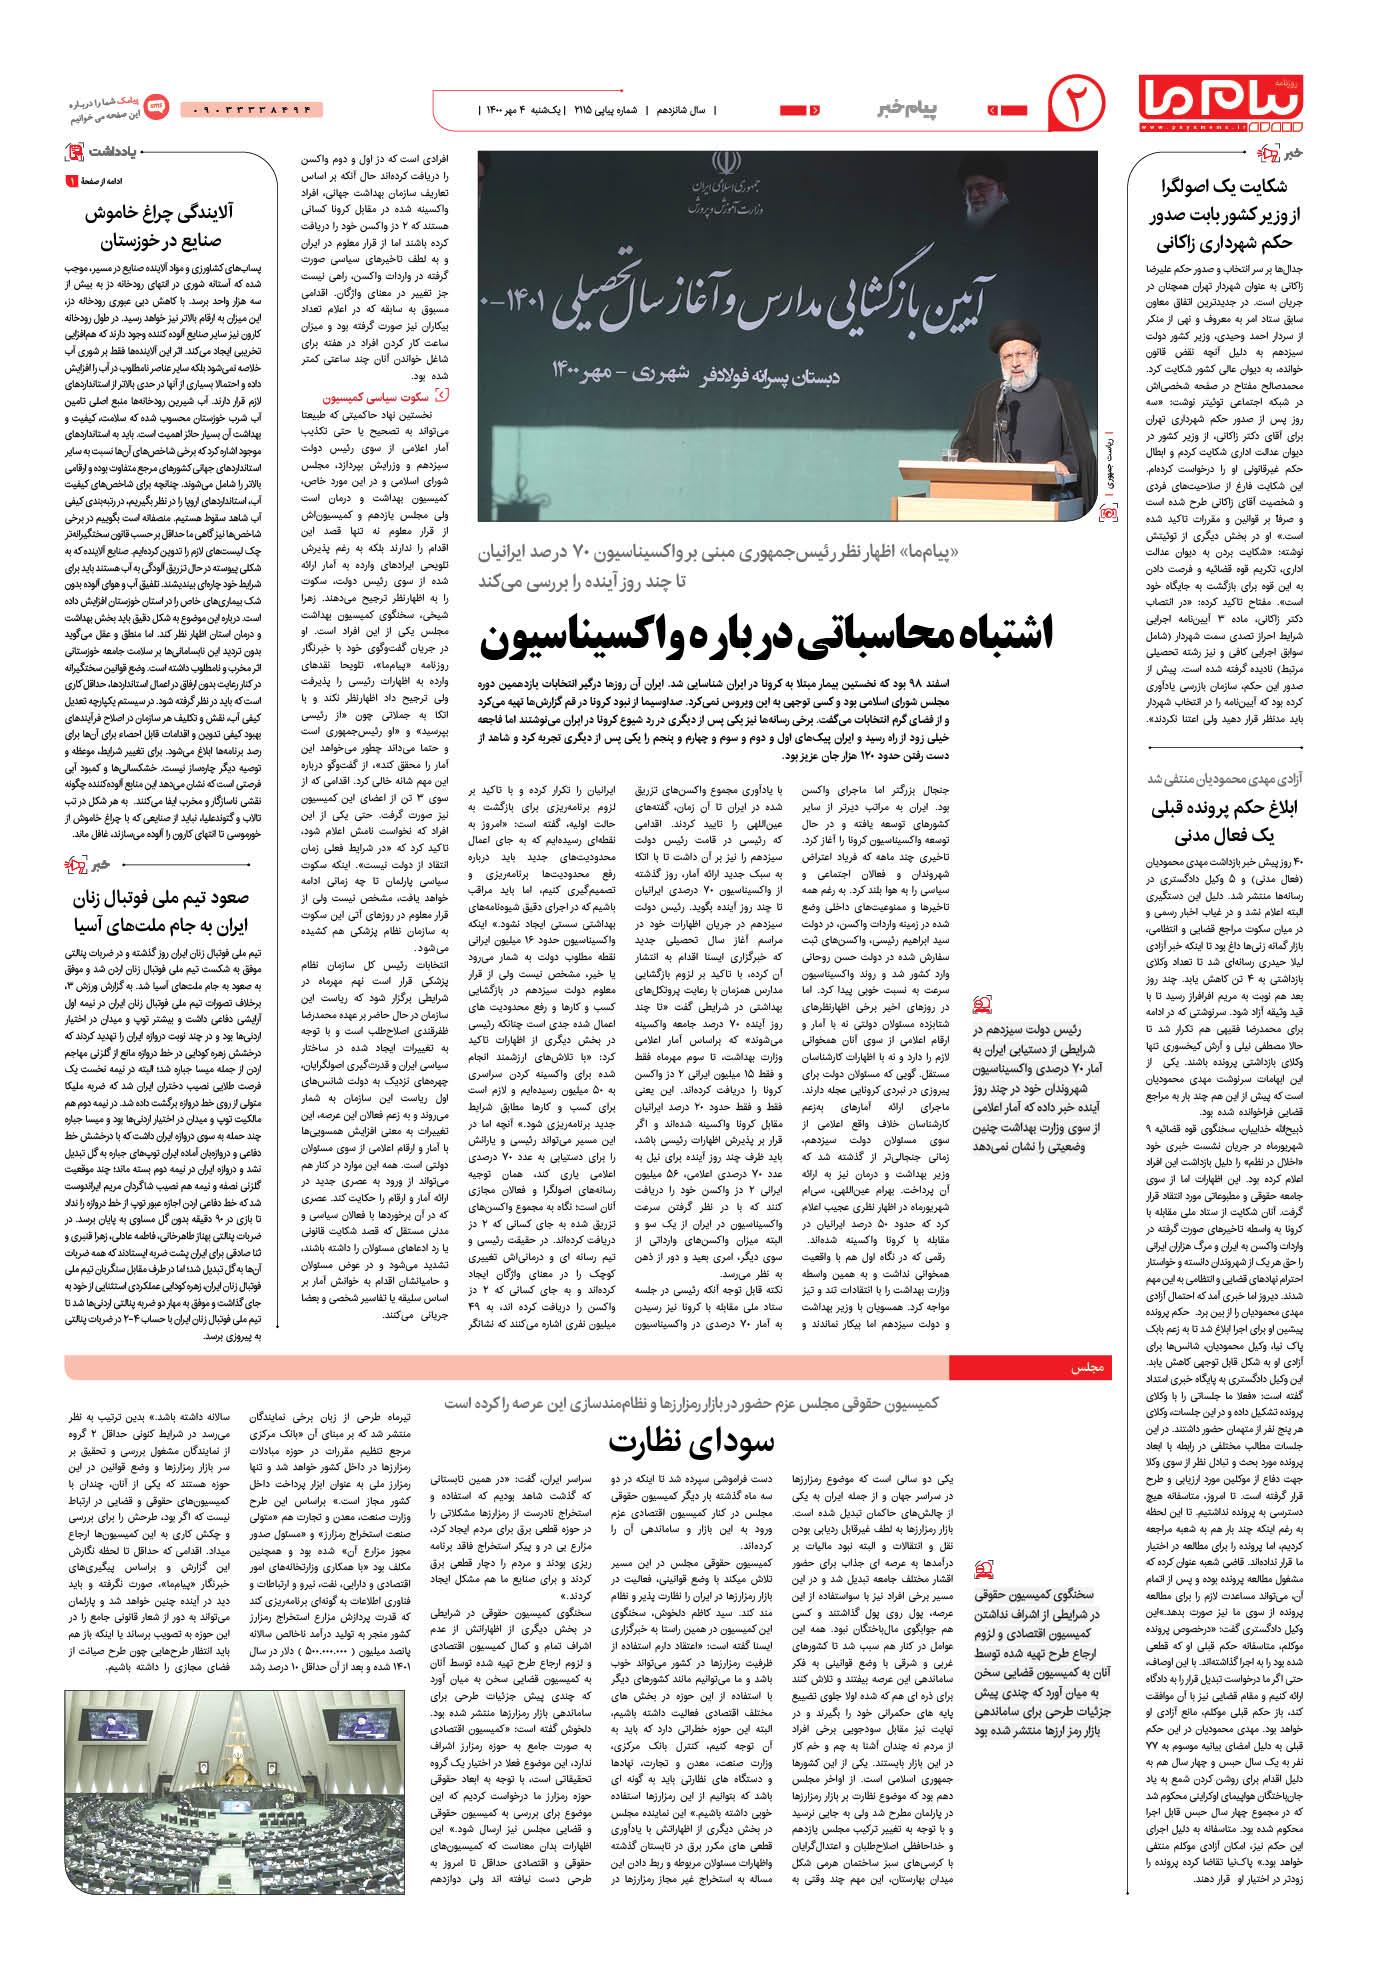 صفحه پیام خبر شماره 2115 روزنامه پیام ما